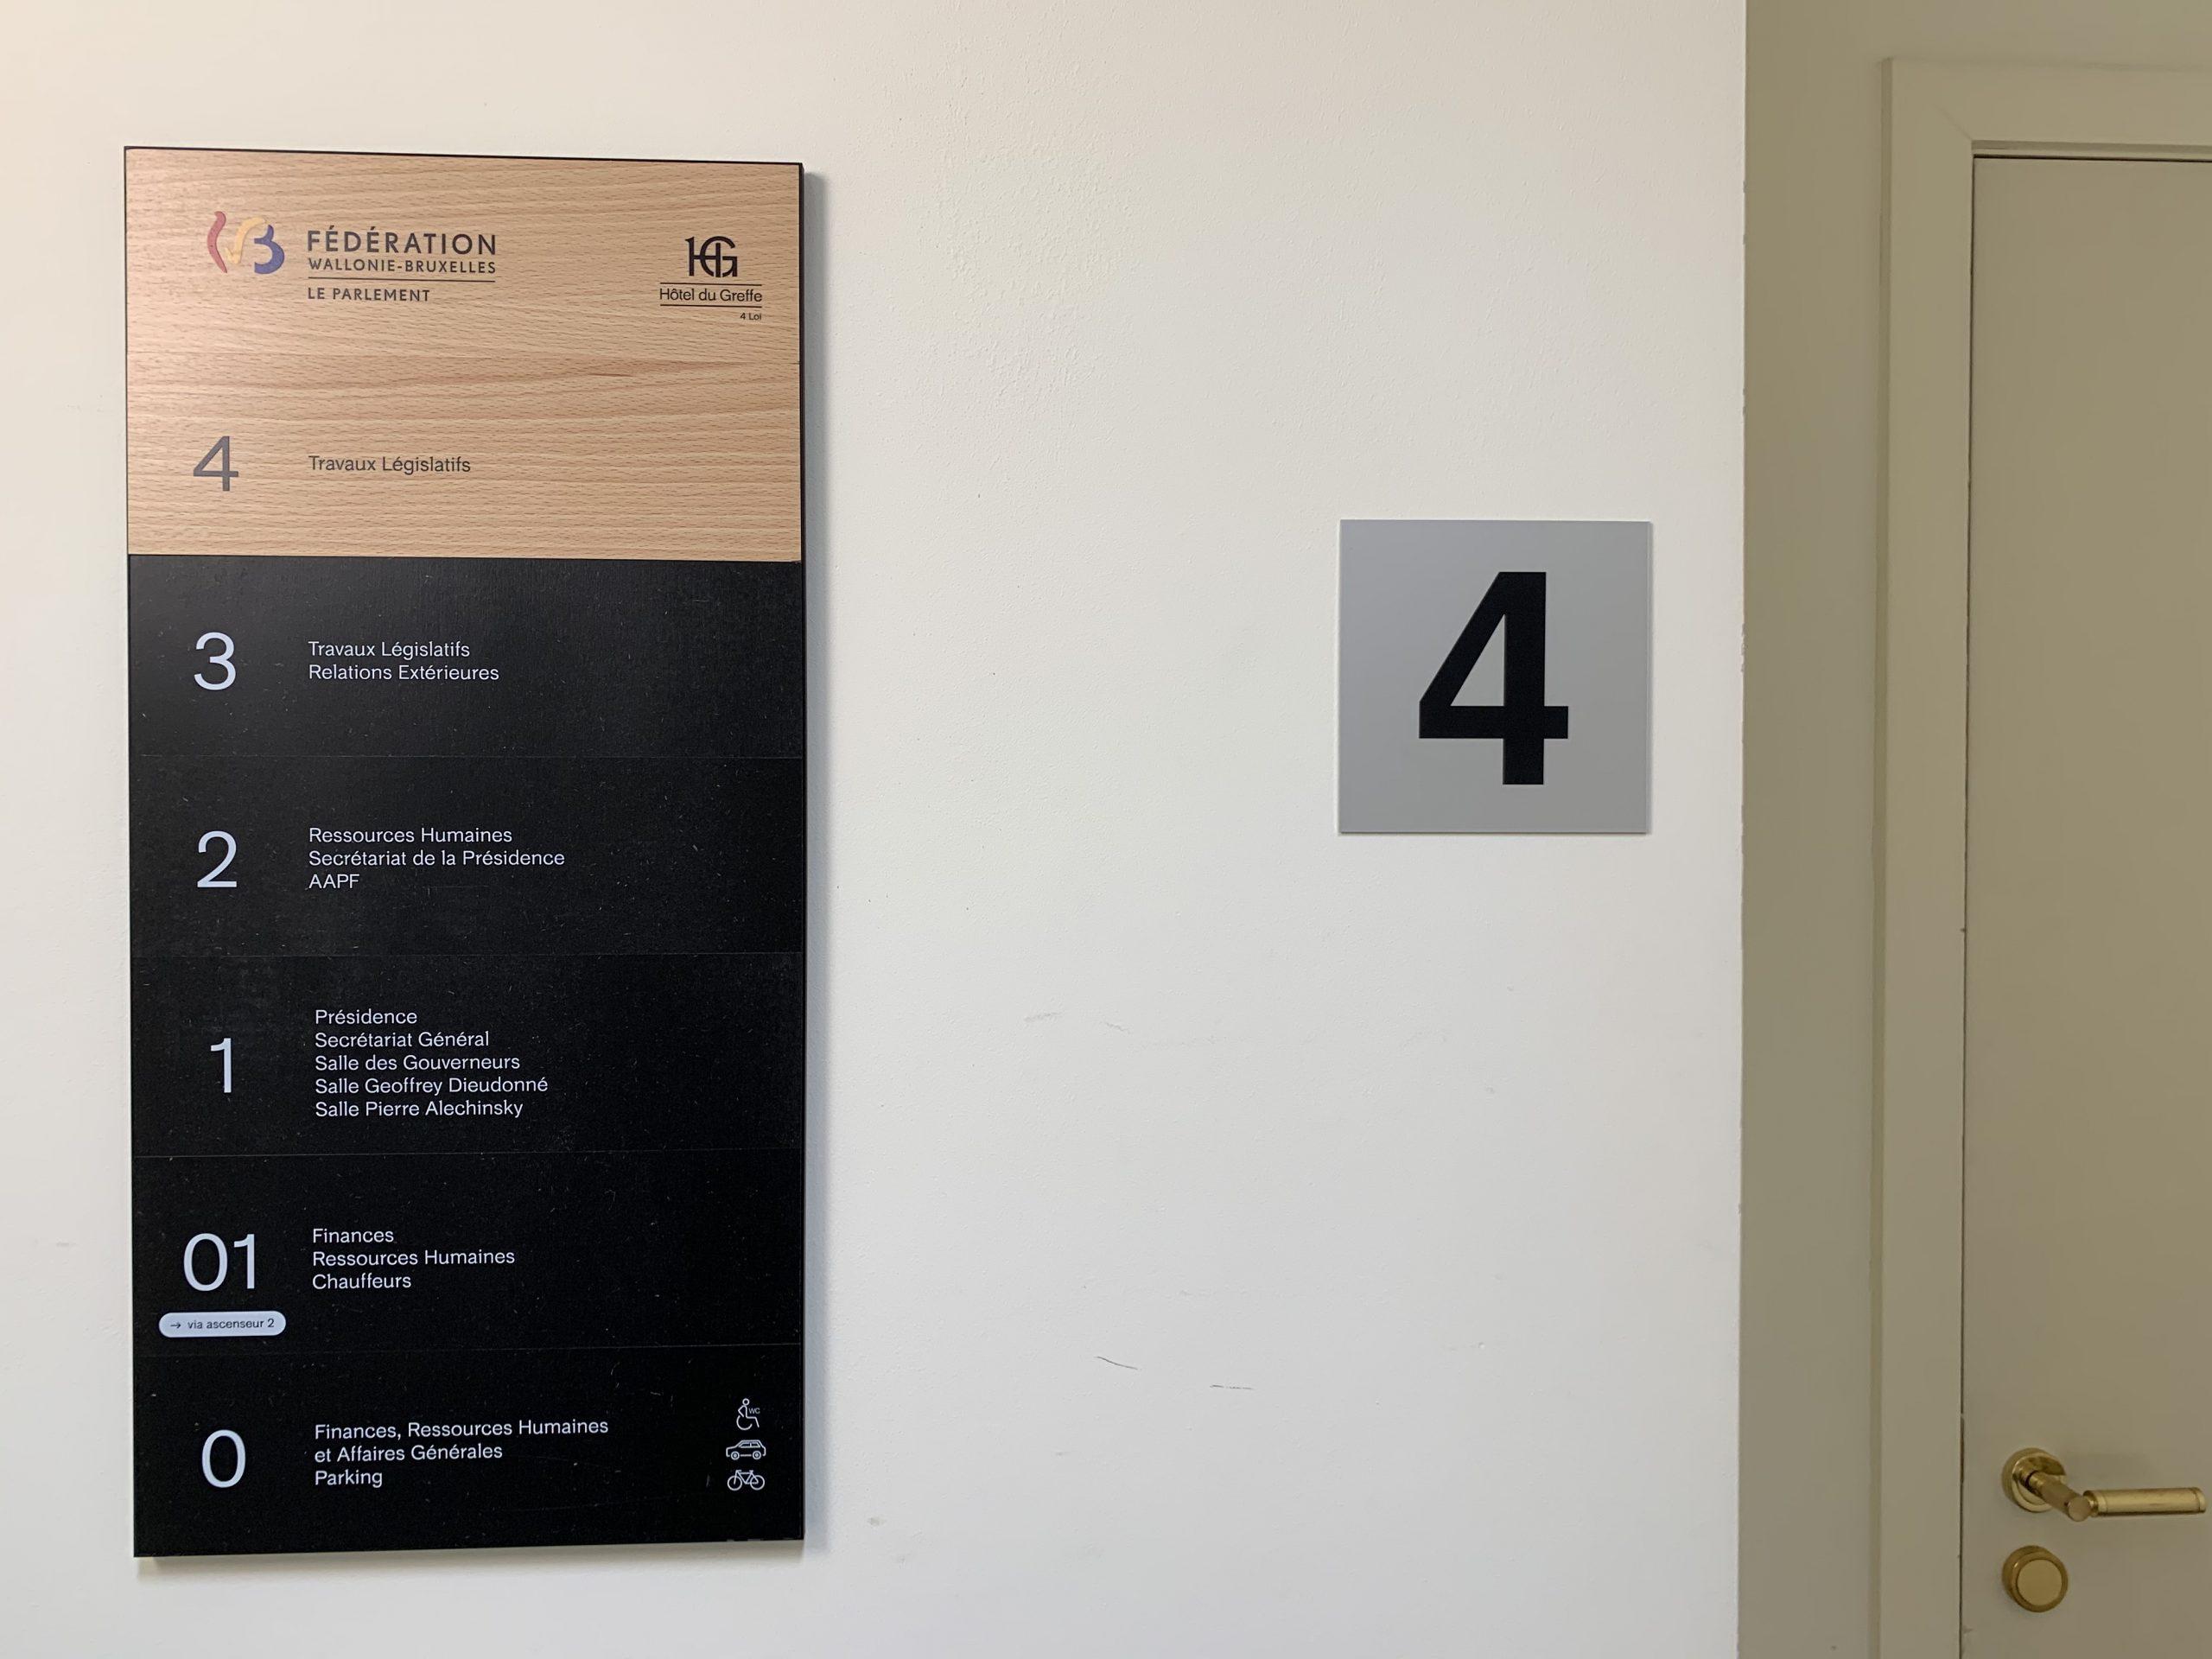 Wayfinding – deurnaamborden met wegwijzers om overzicht te creëren in het gebouw by actual sign member of the remotec group